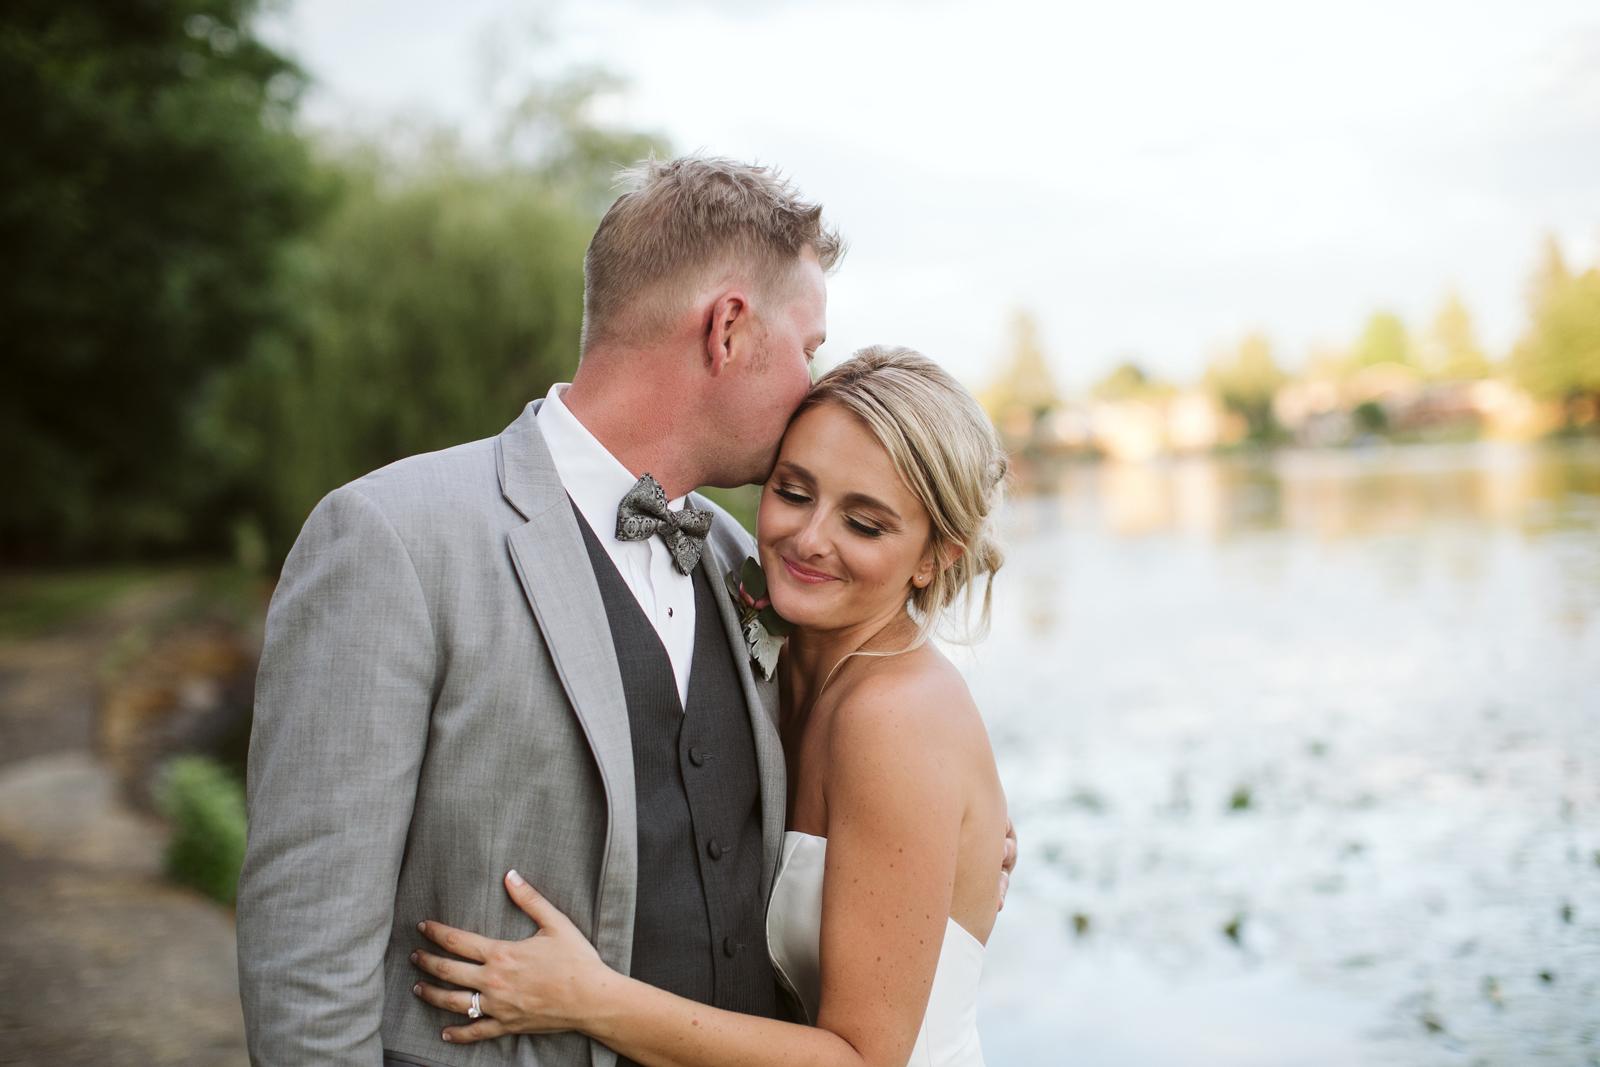 171-daronjackson-gabby-alec-wedding.jpg